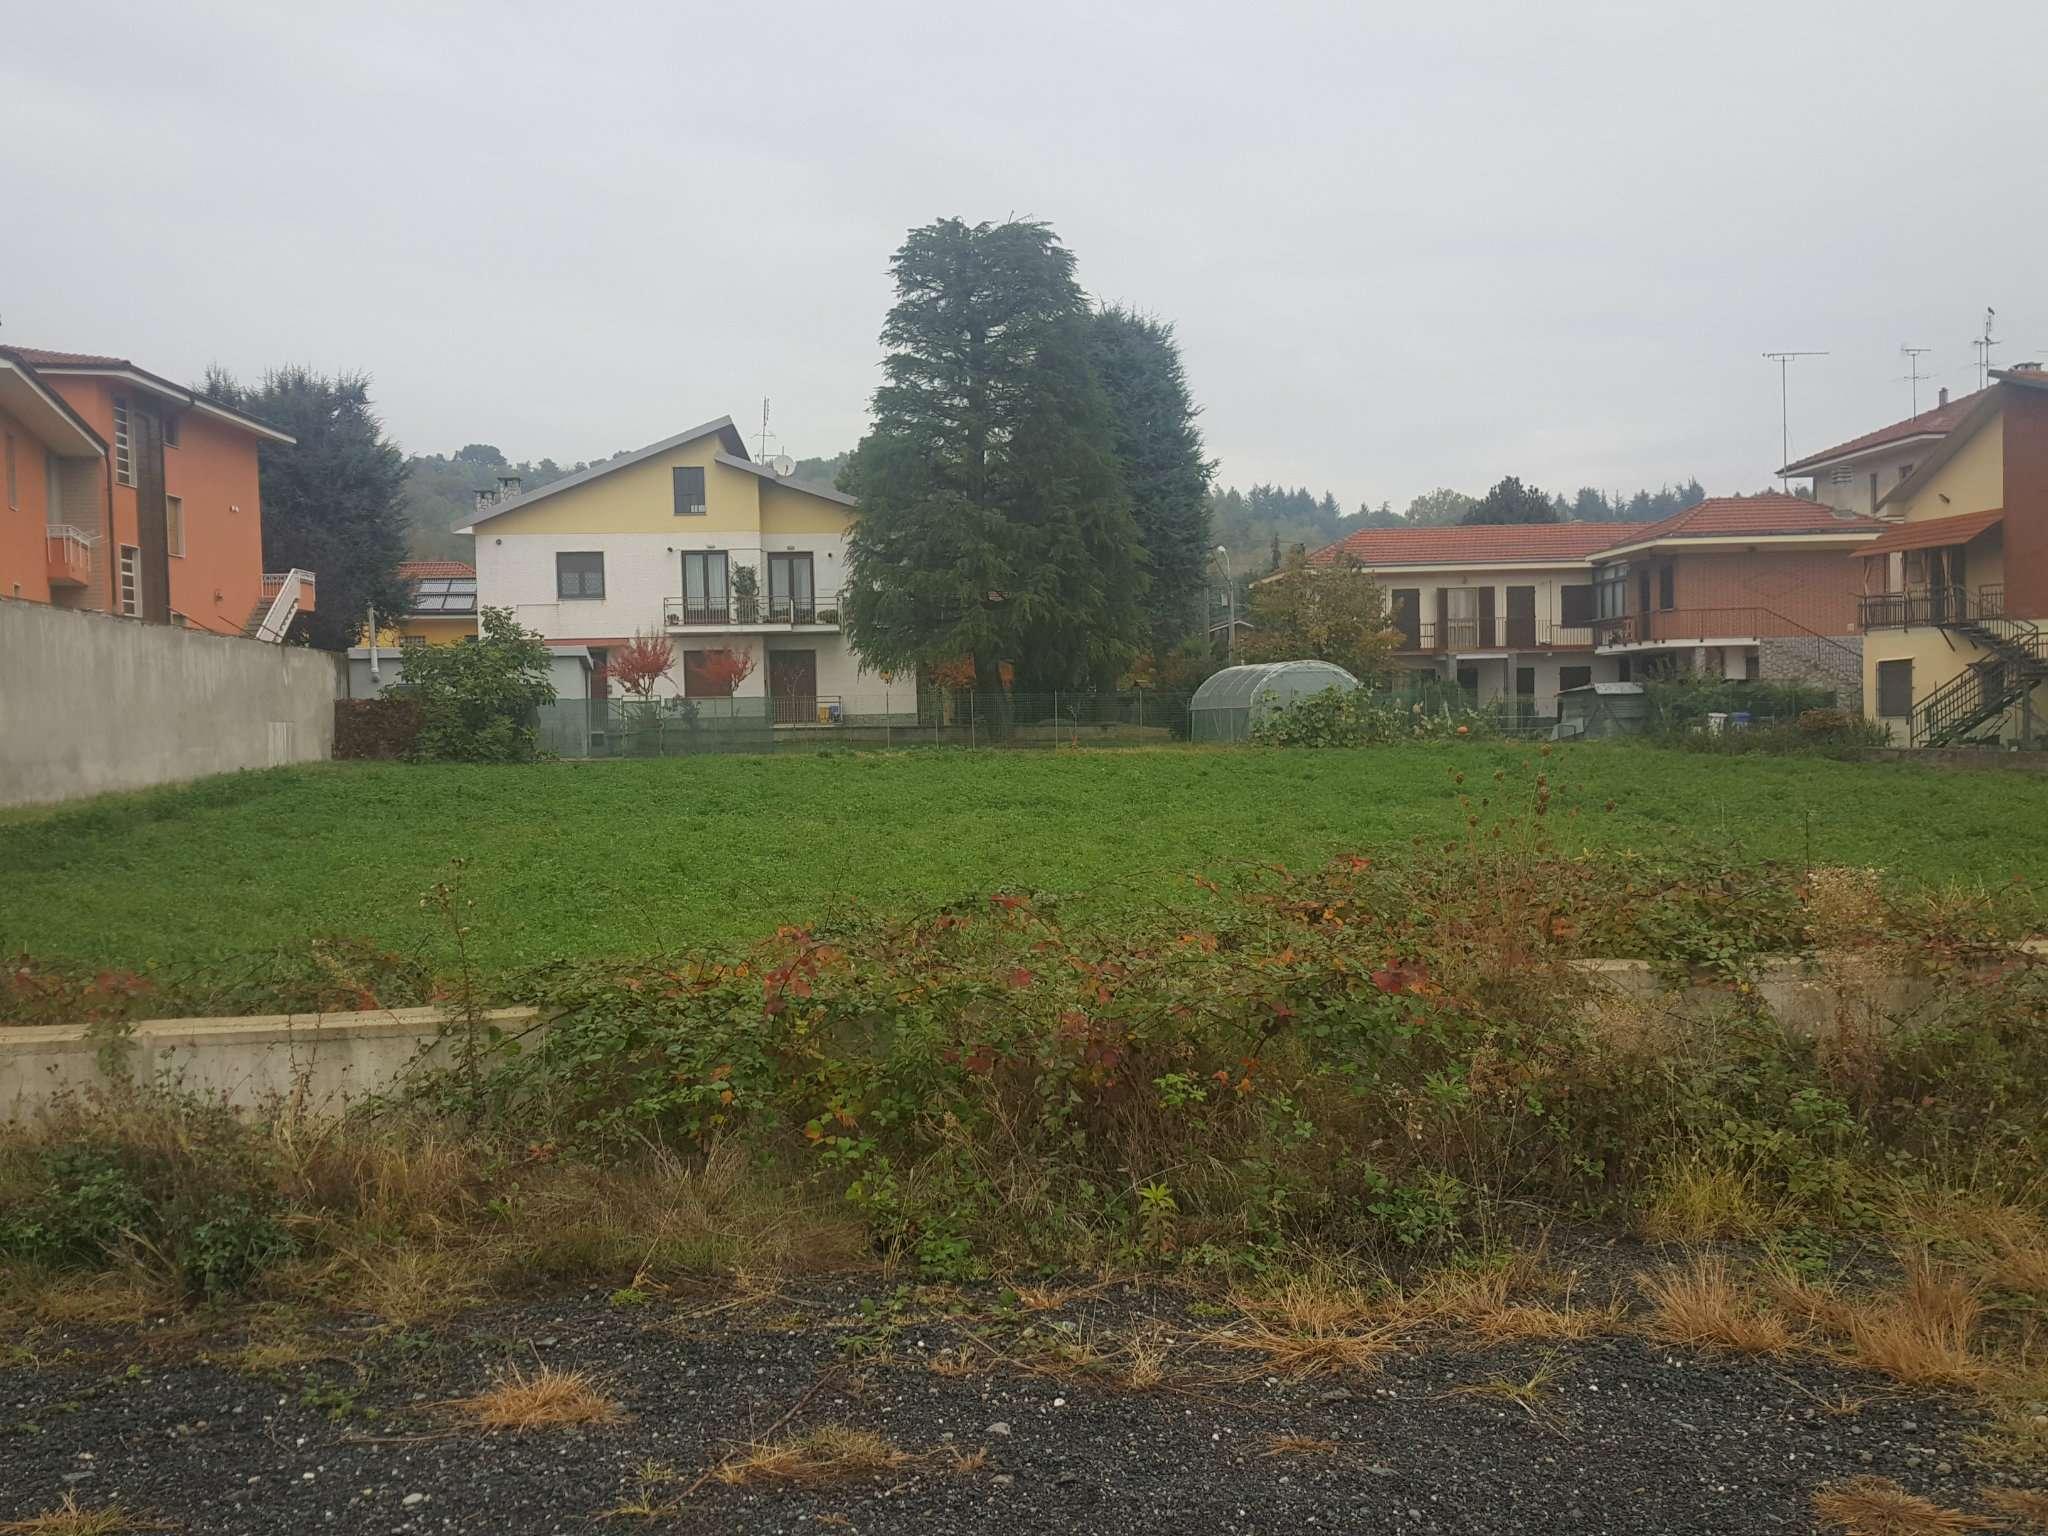 Terreno Edificabile Residenziale in vendita a Villarbasse, 9999 locali, prezzo € 380.000 | Cambio Casa.it